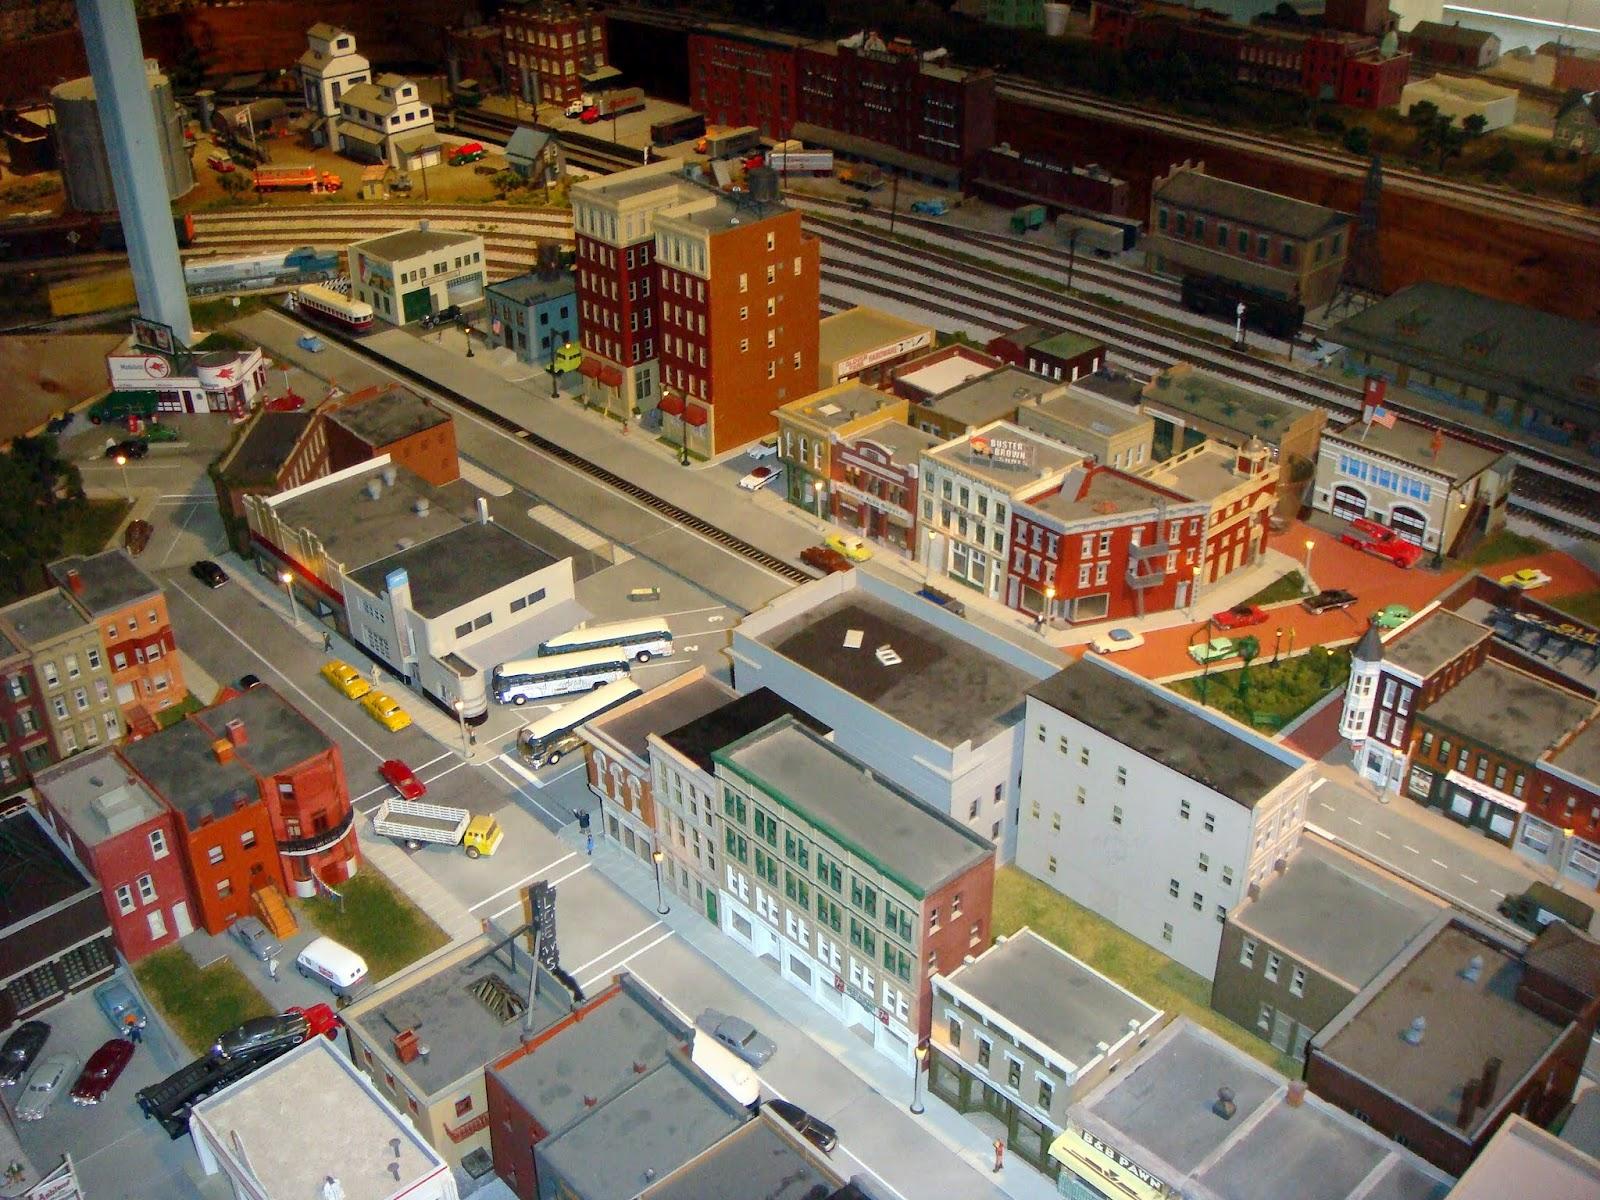 Mod Detail Model Train Village Layouts